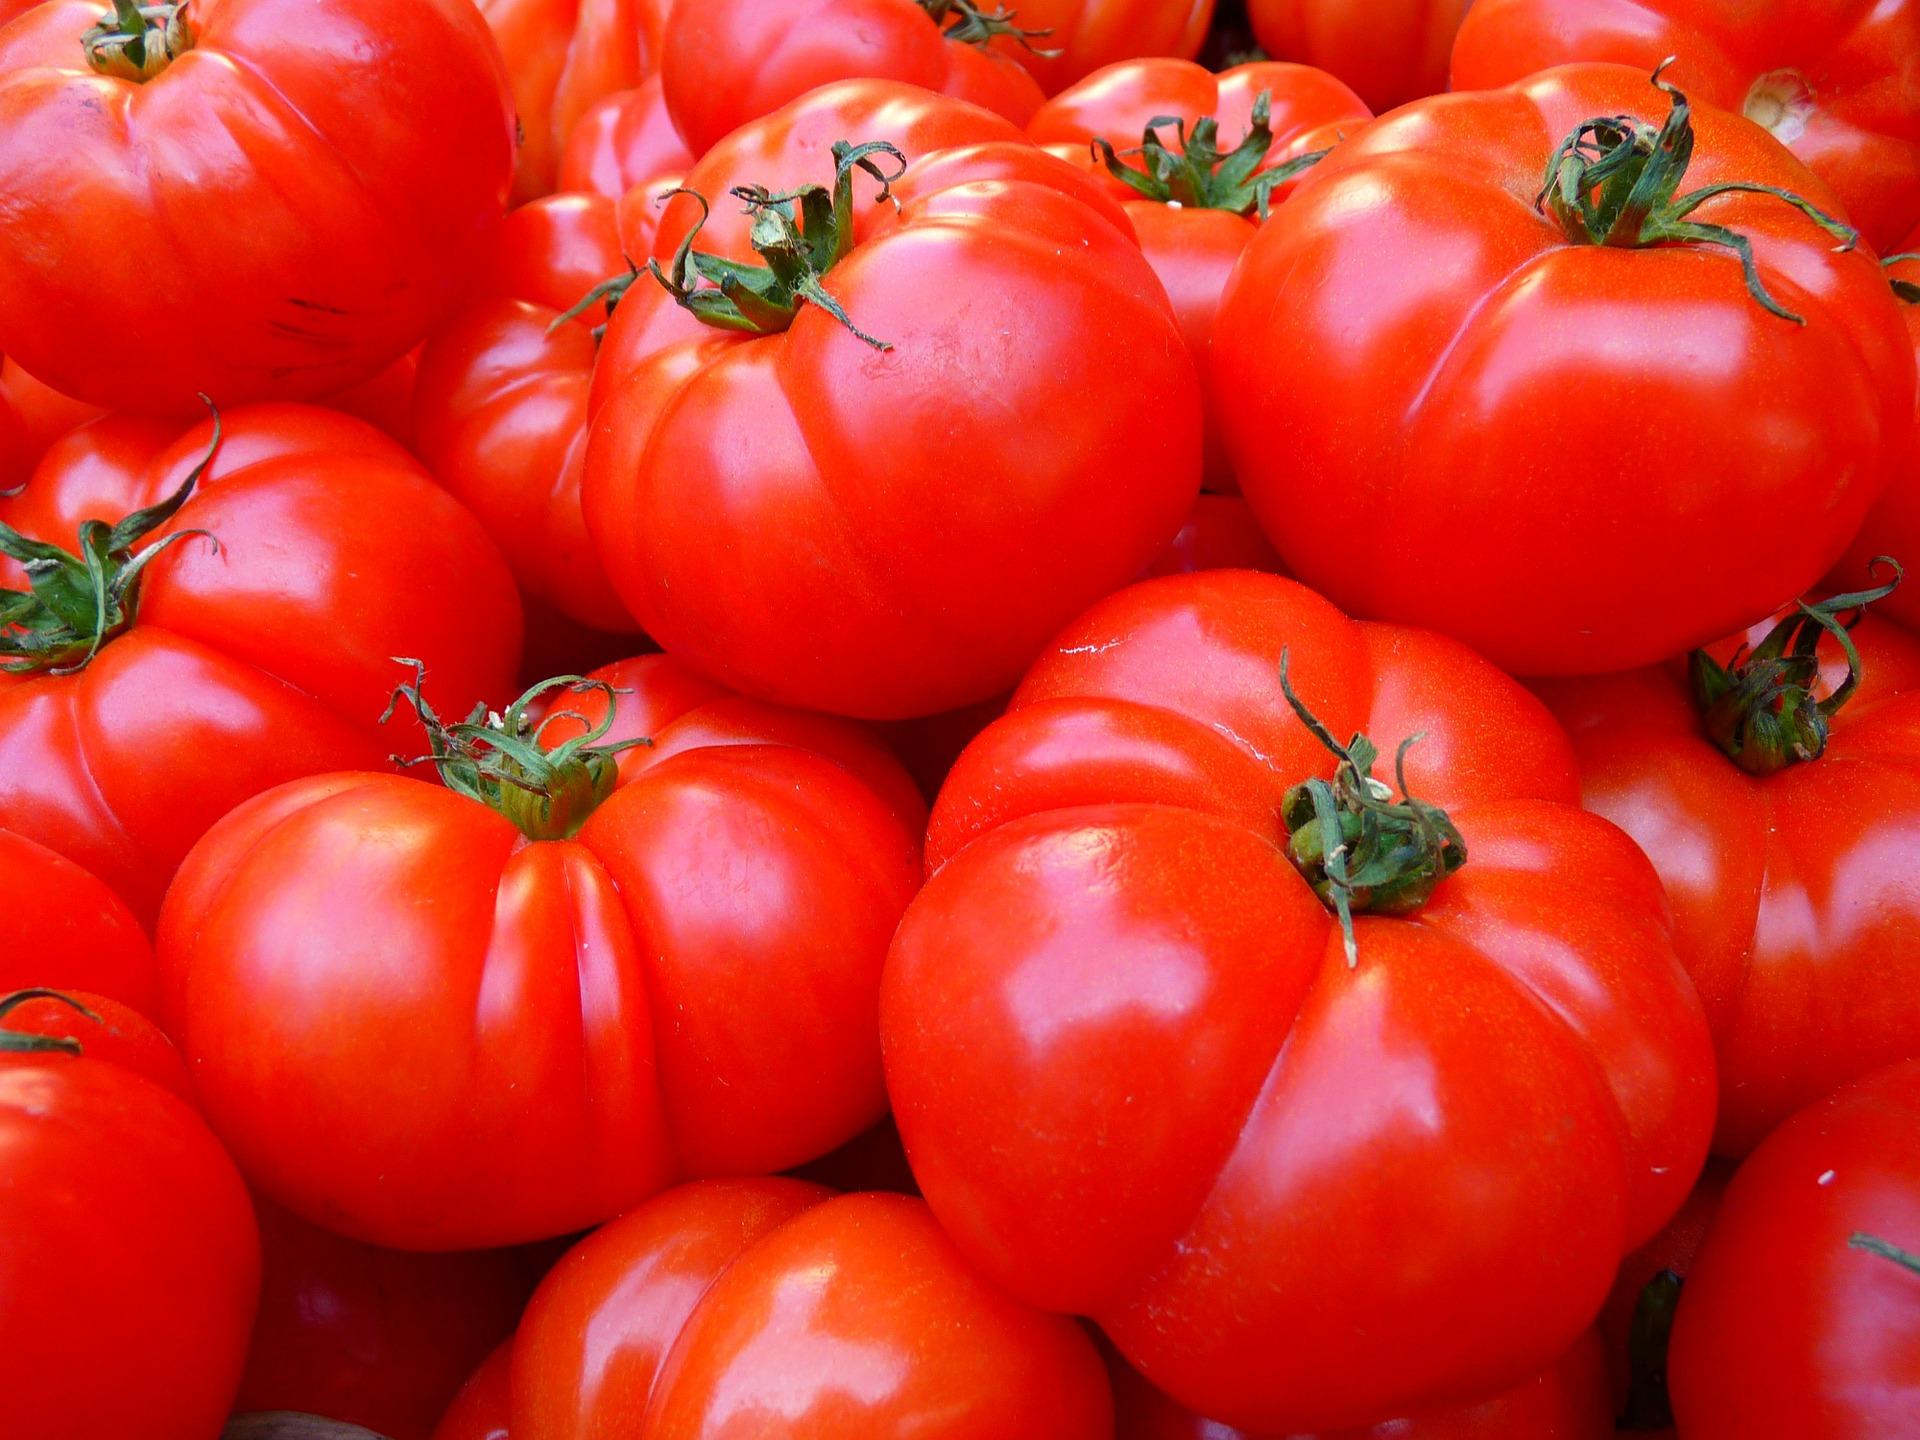 POMODORO - Composto quasi per il 95% da acqua, un pomodoro contiene ca. 18 kcal. Ricco di licopene, l'antiossidante per eccellenza, è anche un'ottima fonte di potassio, magnesio e fosforo ed è ricchissimo di vitamine C, A e beta-carotene. Inoltre, è un utile supporto per la pelle nei mesi dell'abbronzatura. Con i pomodori si possono preparare gustose insalate ipocaloriche semplicemente aggiungendo un filo d'olio extravergine di oliva, basilico fresco, un pizzico di sale e qualche erbetta aromatica.